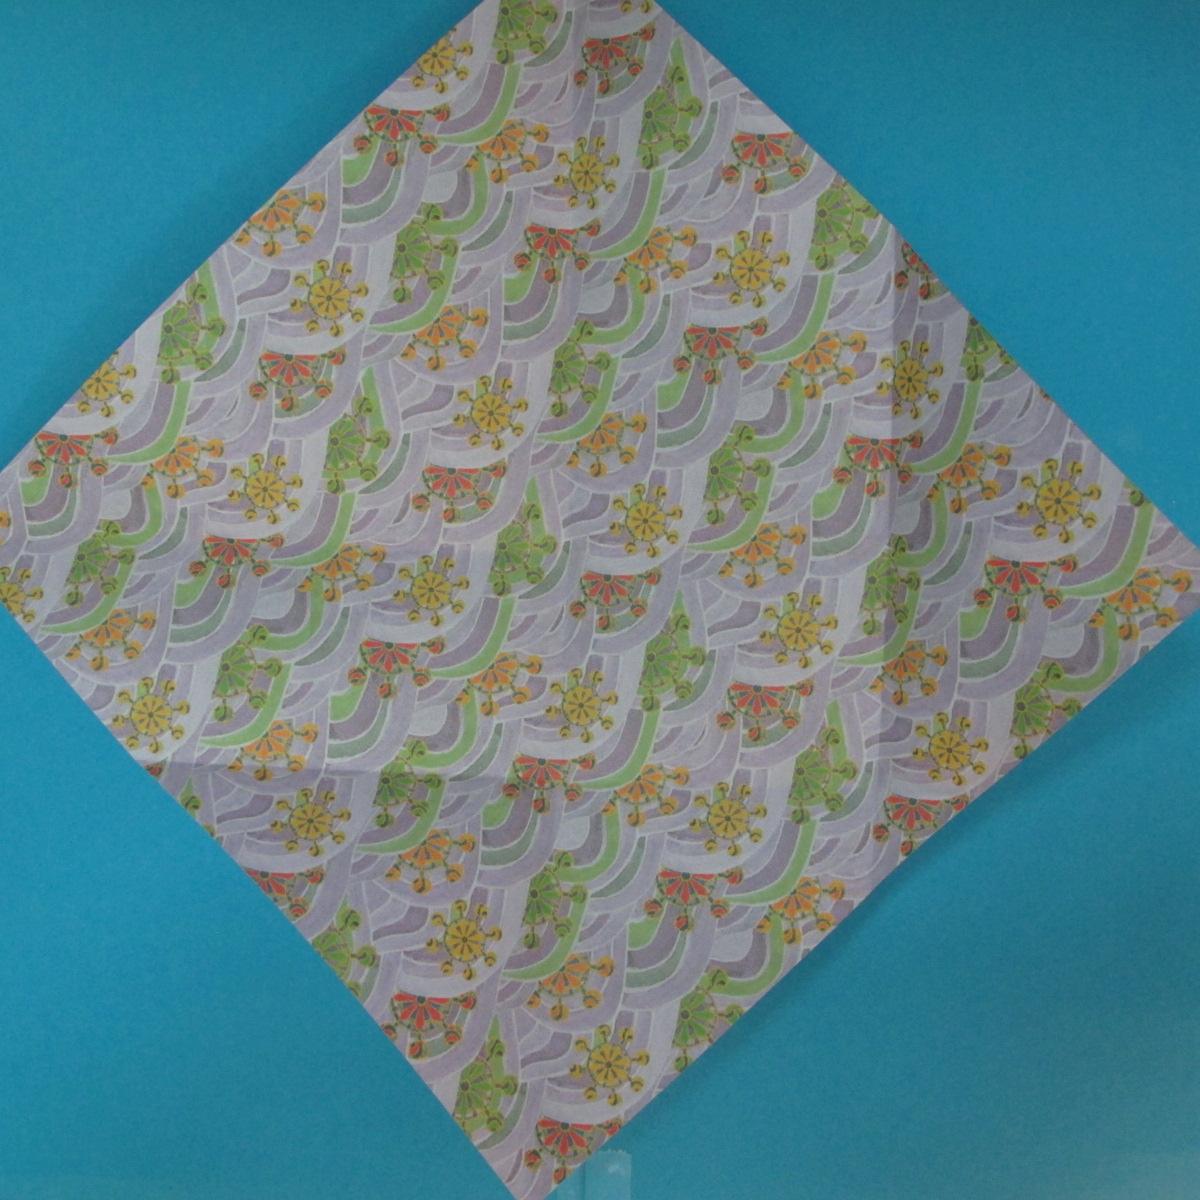 สอนวิธีพับกระดาษเป็นช้าง (แบบของ Fumiaki Kawahata) 009